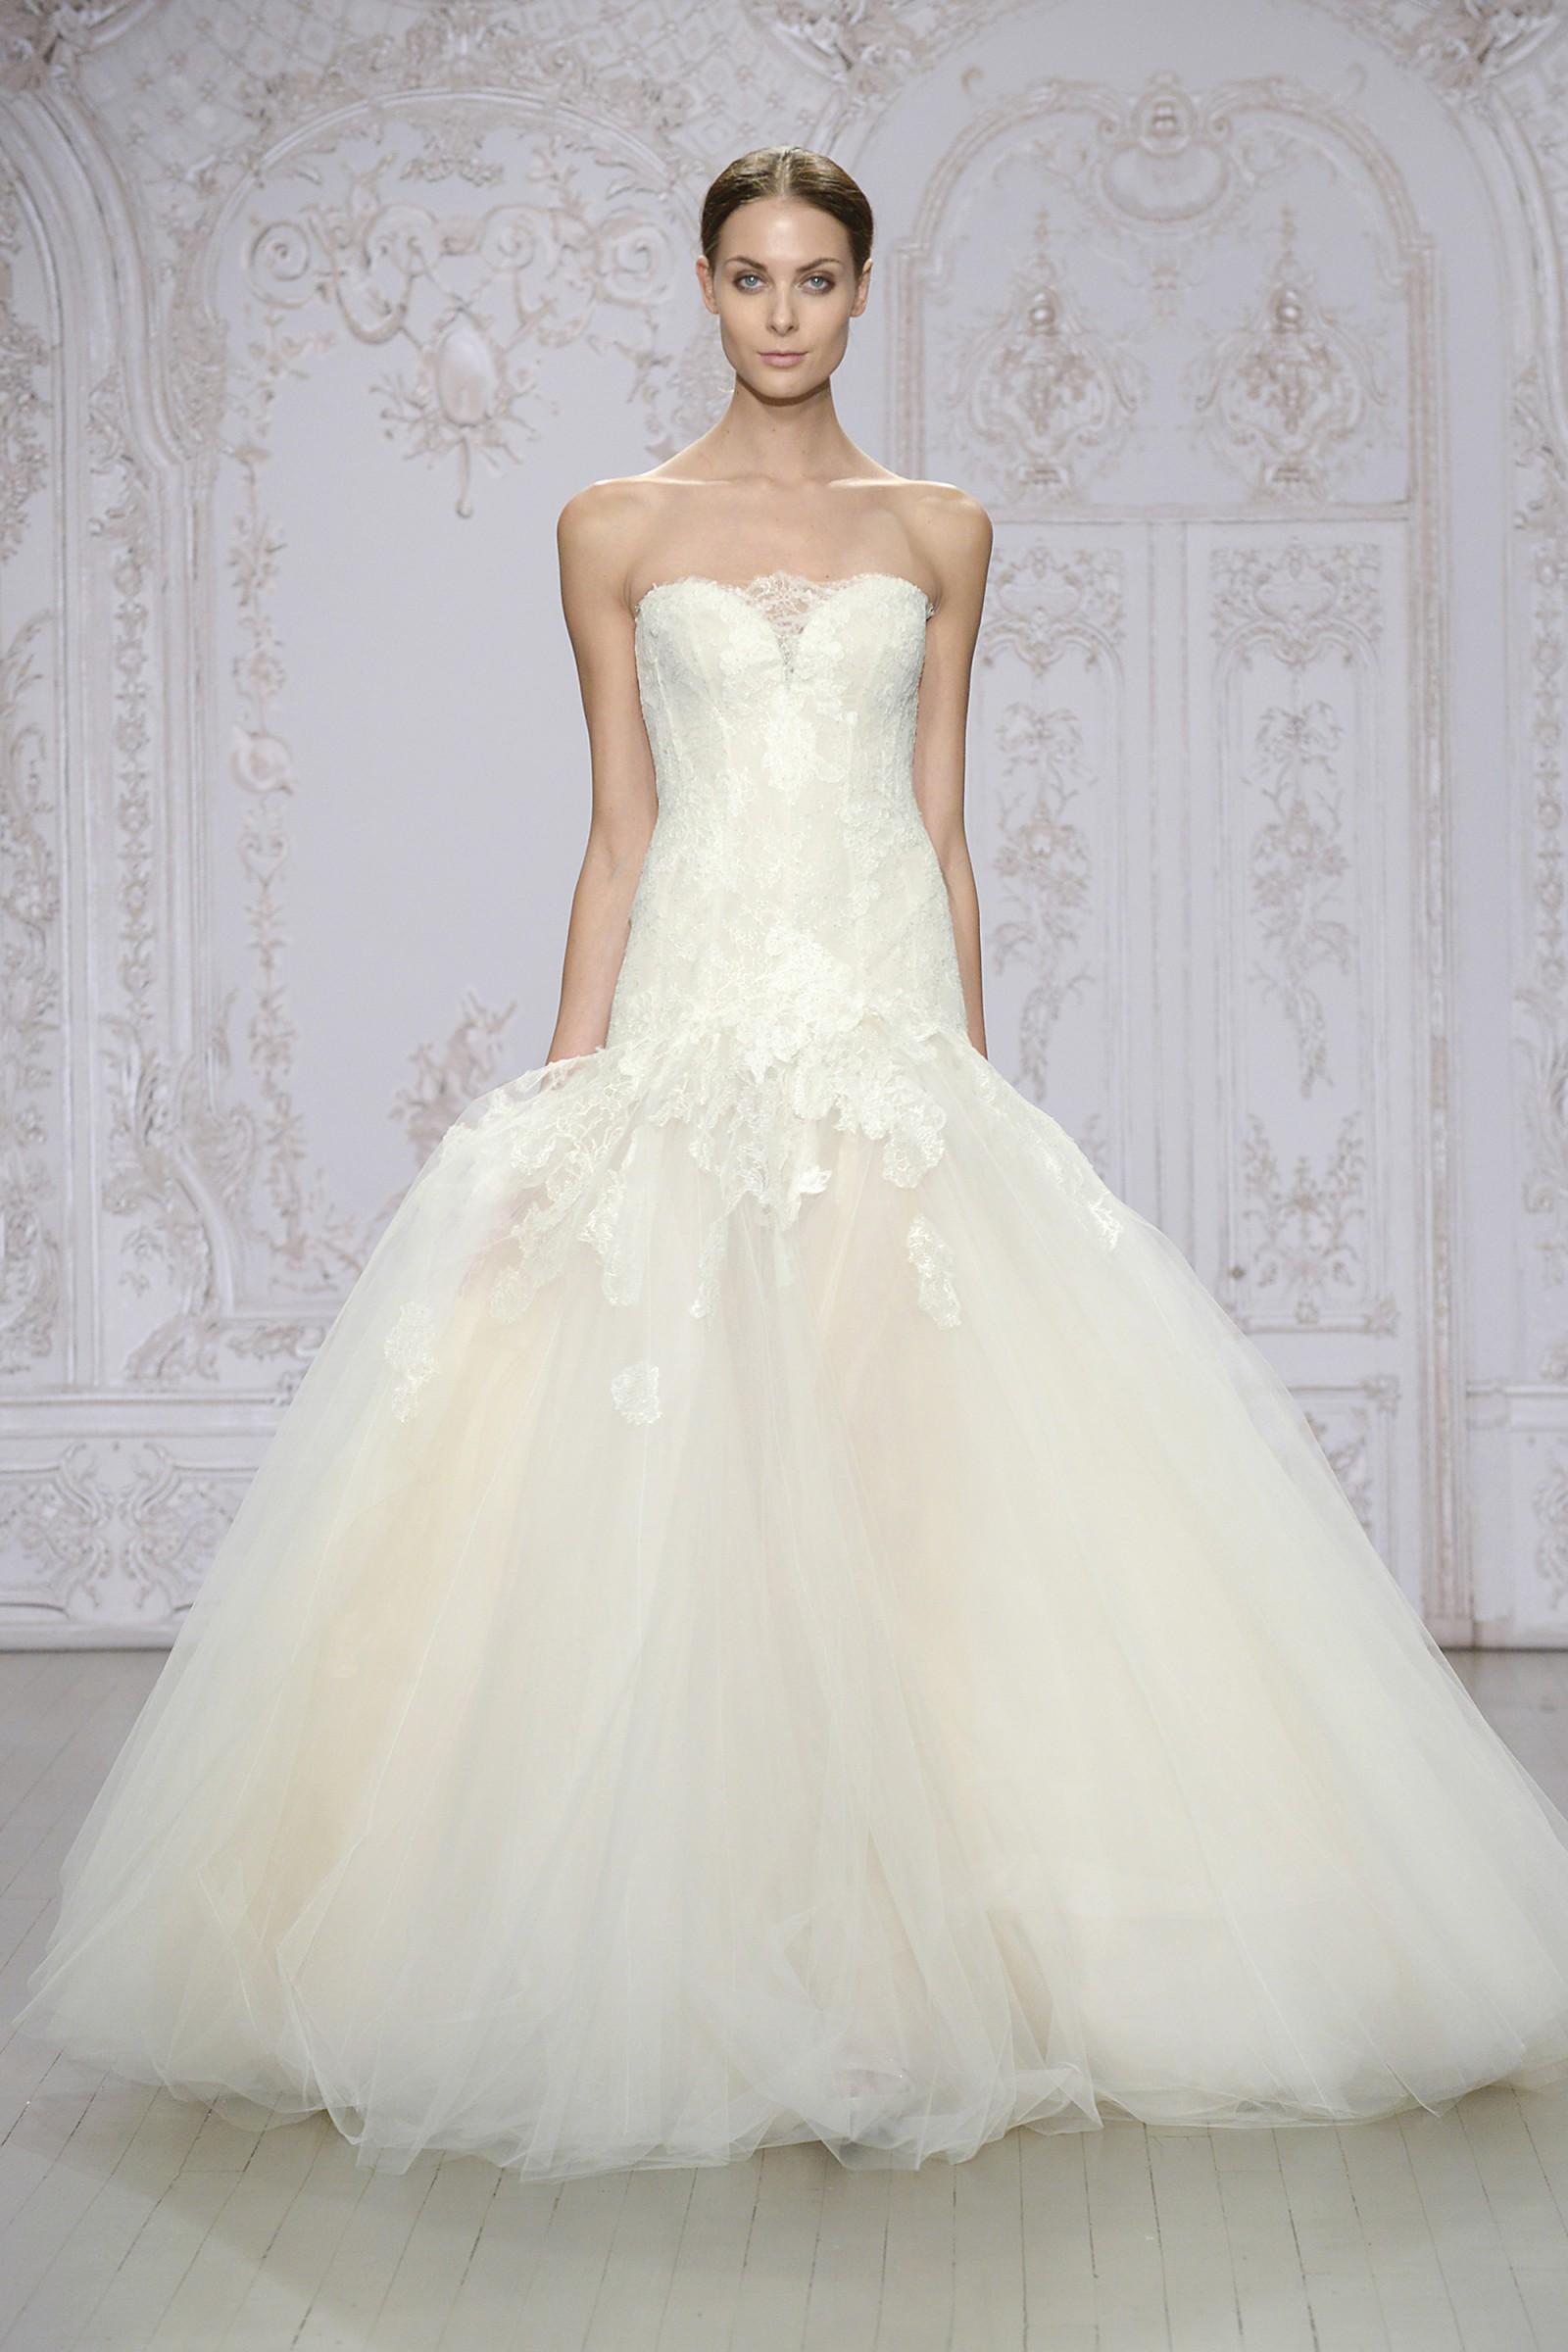 Monique lhuillier wedding dresses on still white monique lhuillier junglespirit Images